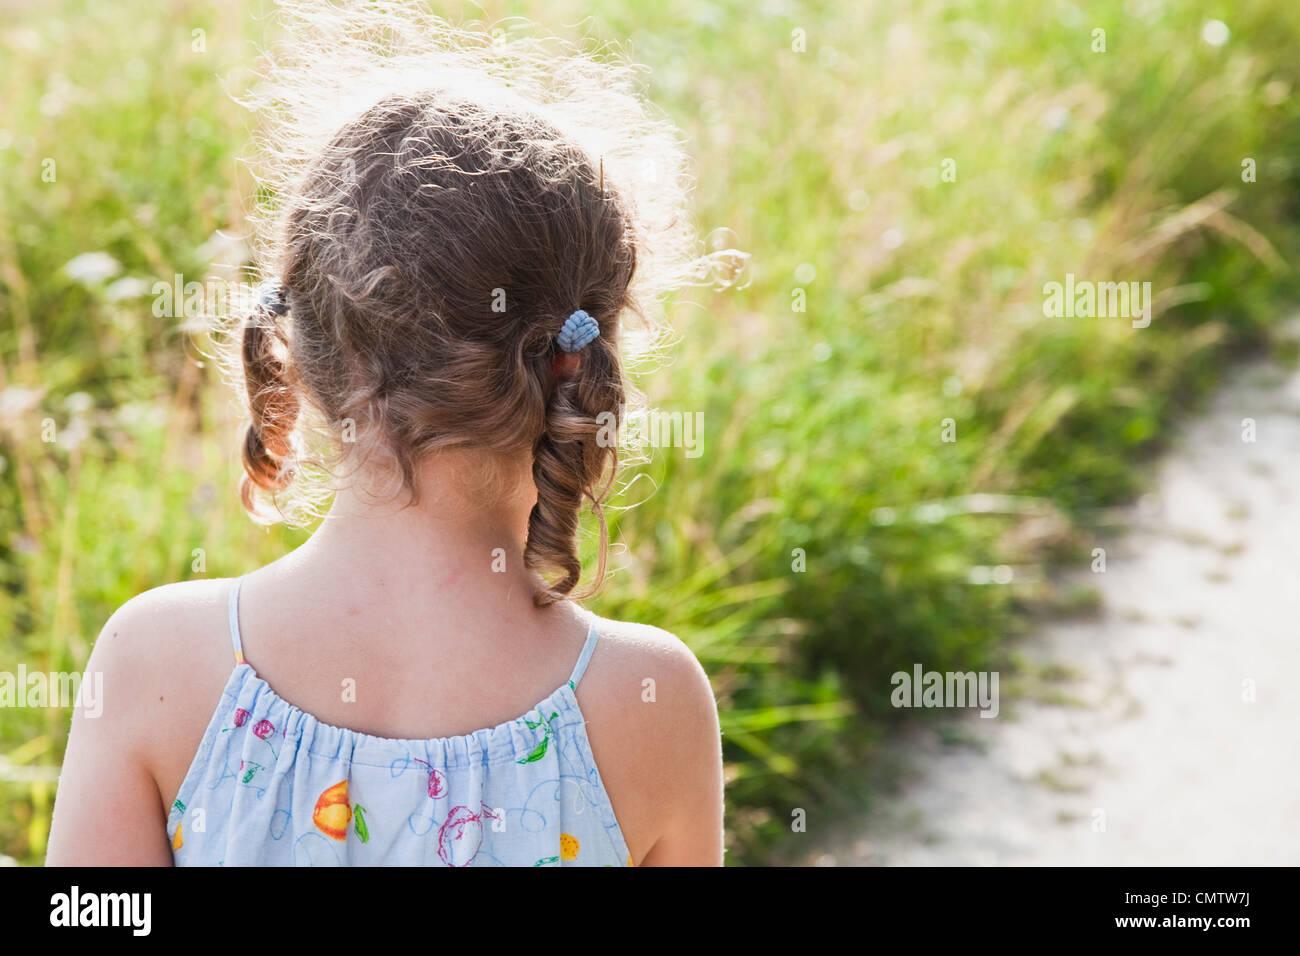 Vista posteriore di una ragazza contro erba Immagini Stock